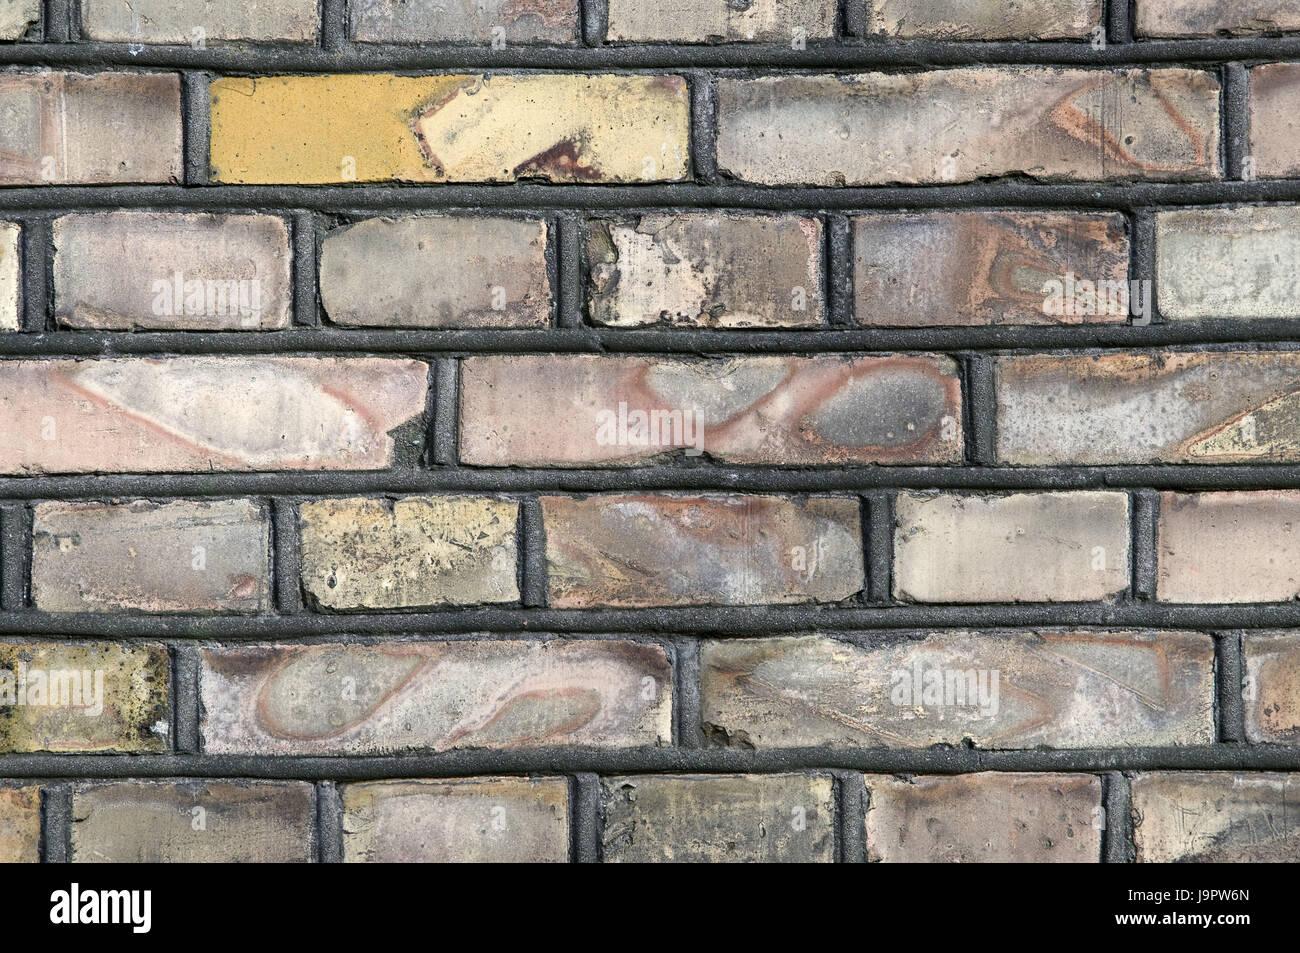 Mattone muro difensivo,medium close-up,mura difensive,wall,mattoni,costruzione di mattoni,struttura,mattoni, pietra Immagini Stock